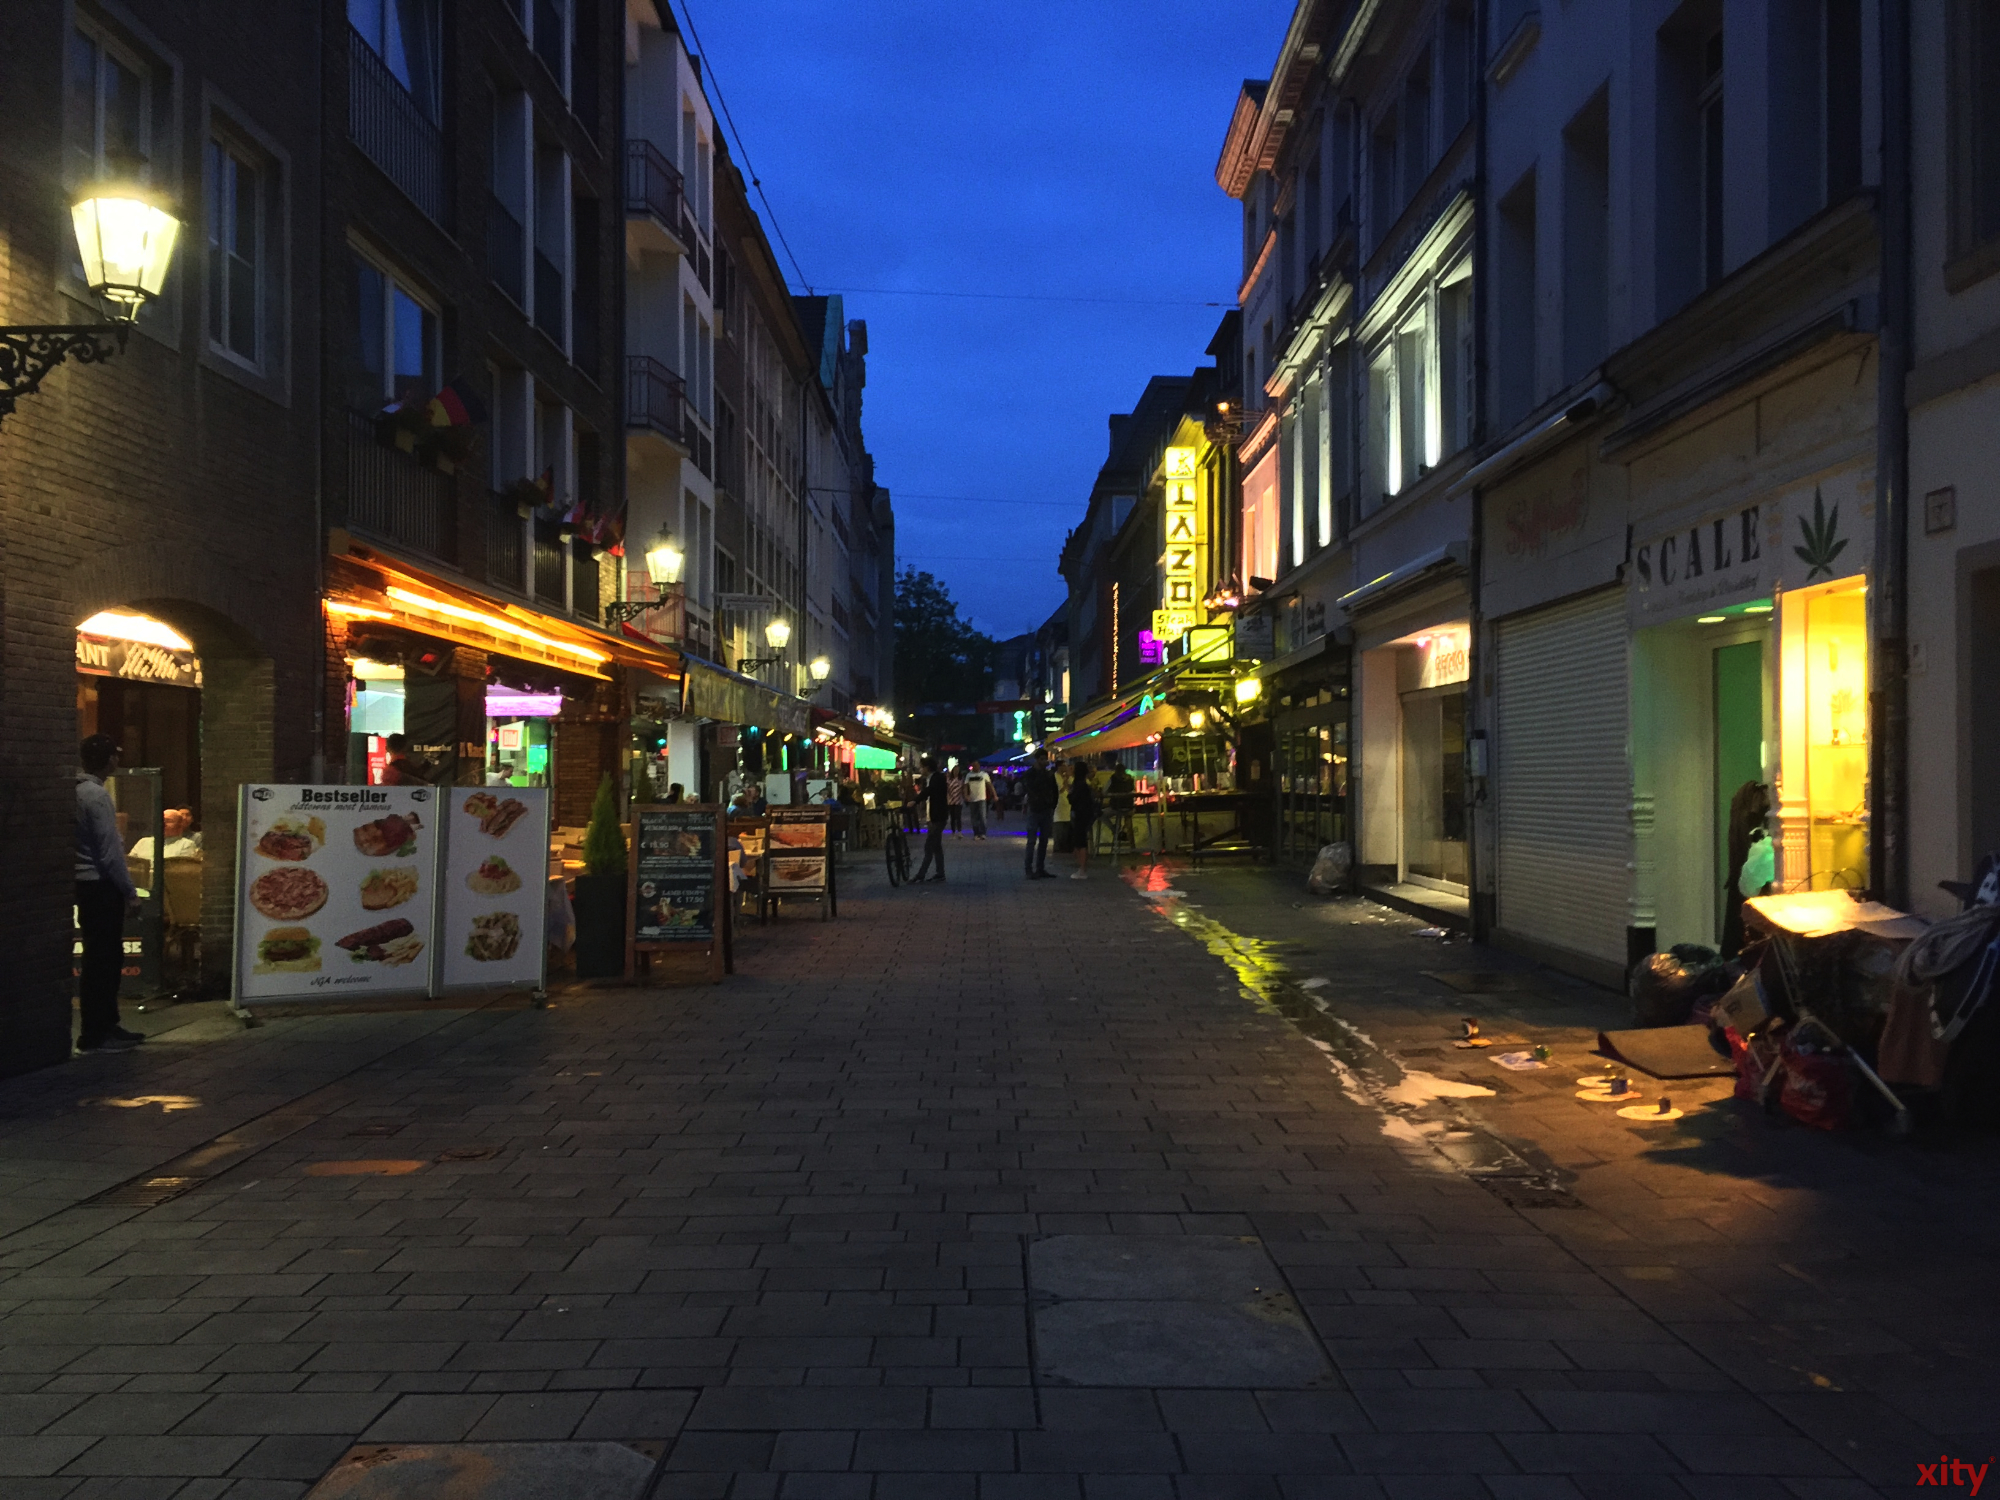 Die Bolker Straße ist selten so leer. (Foto: xity)